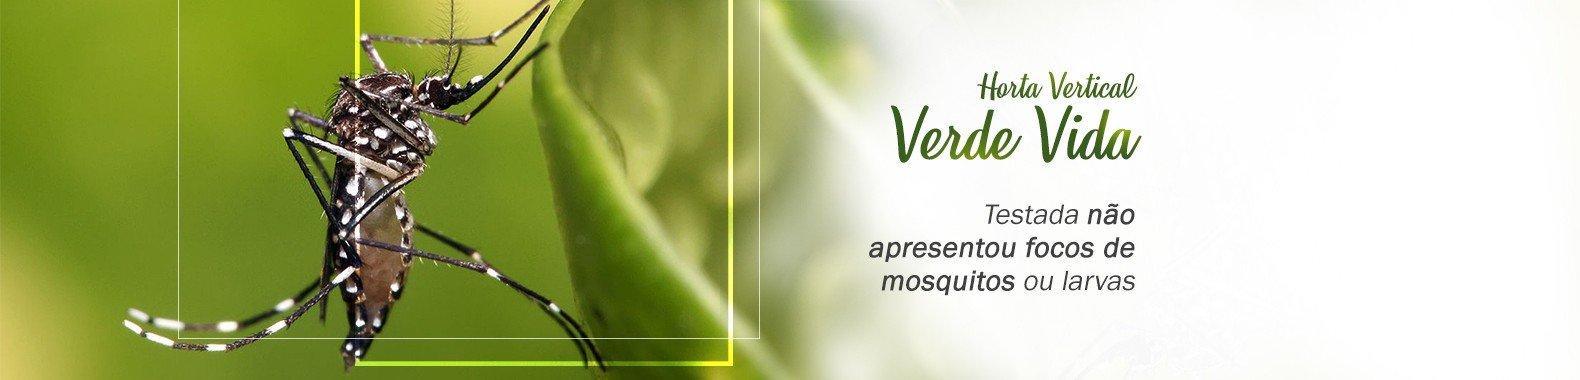 banner-horta-verde-vida